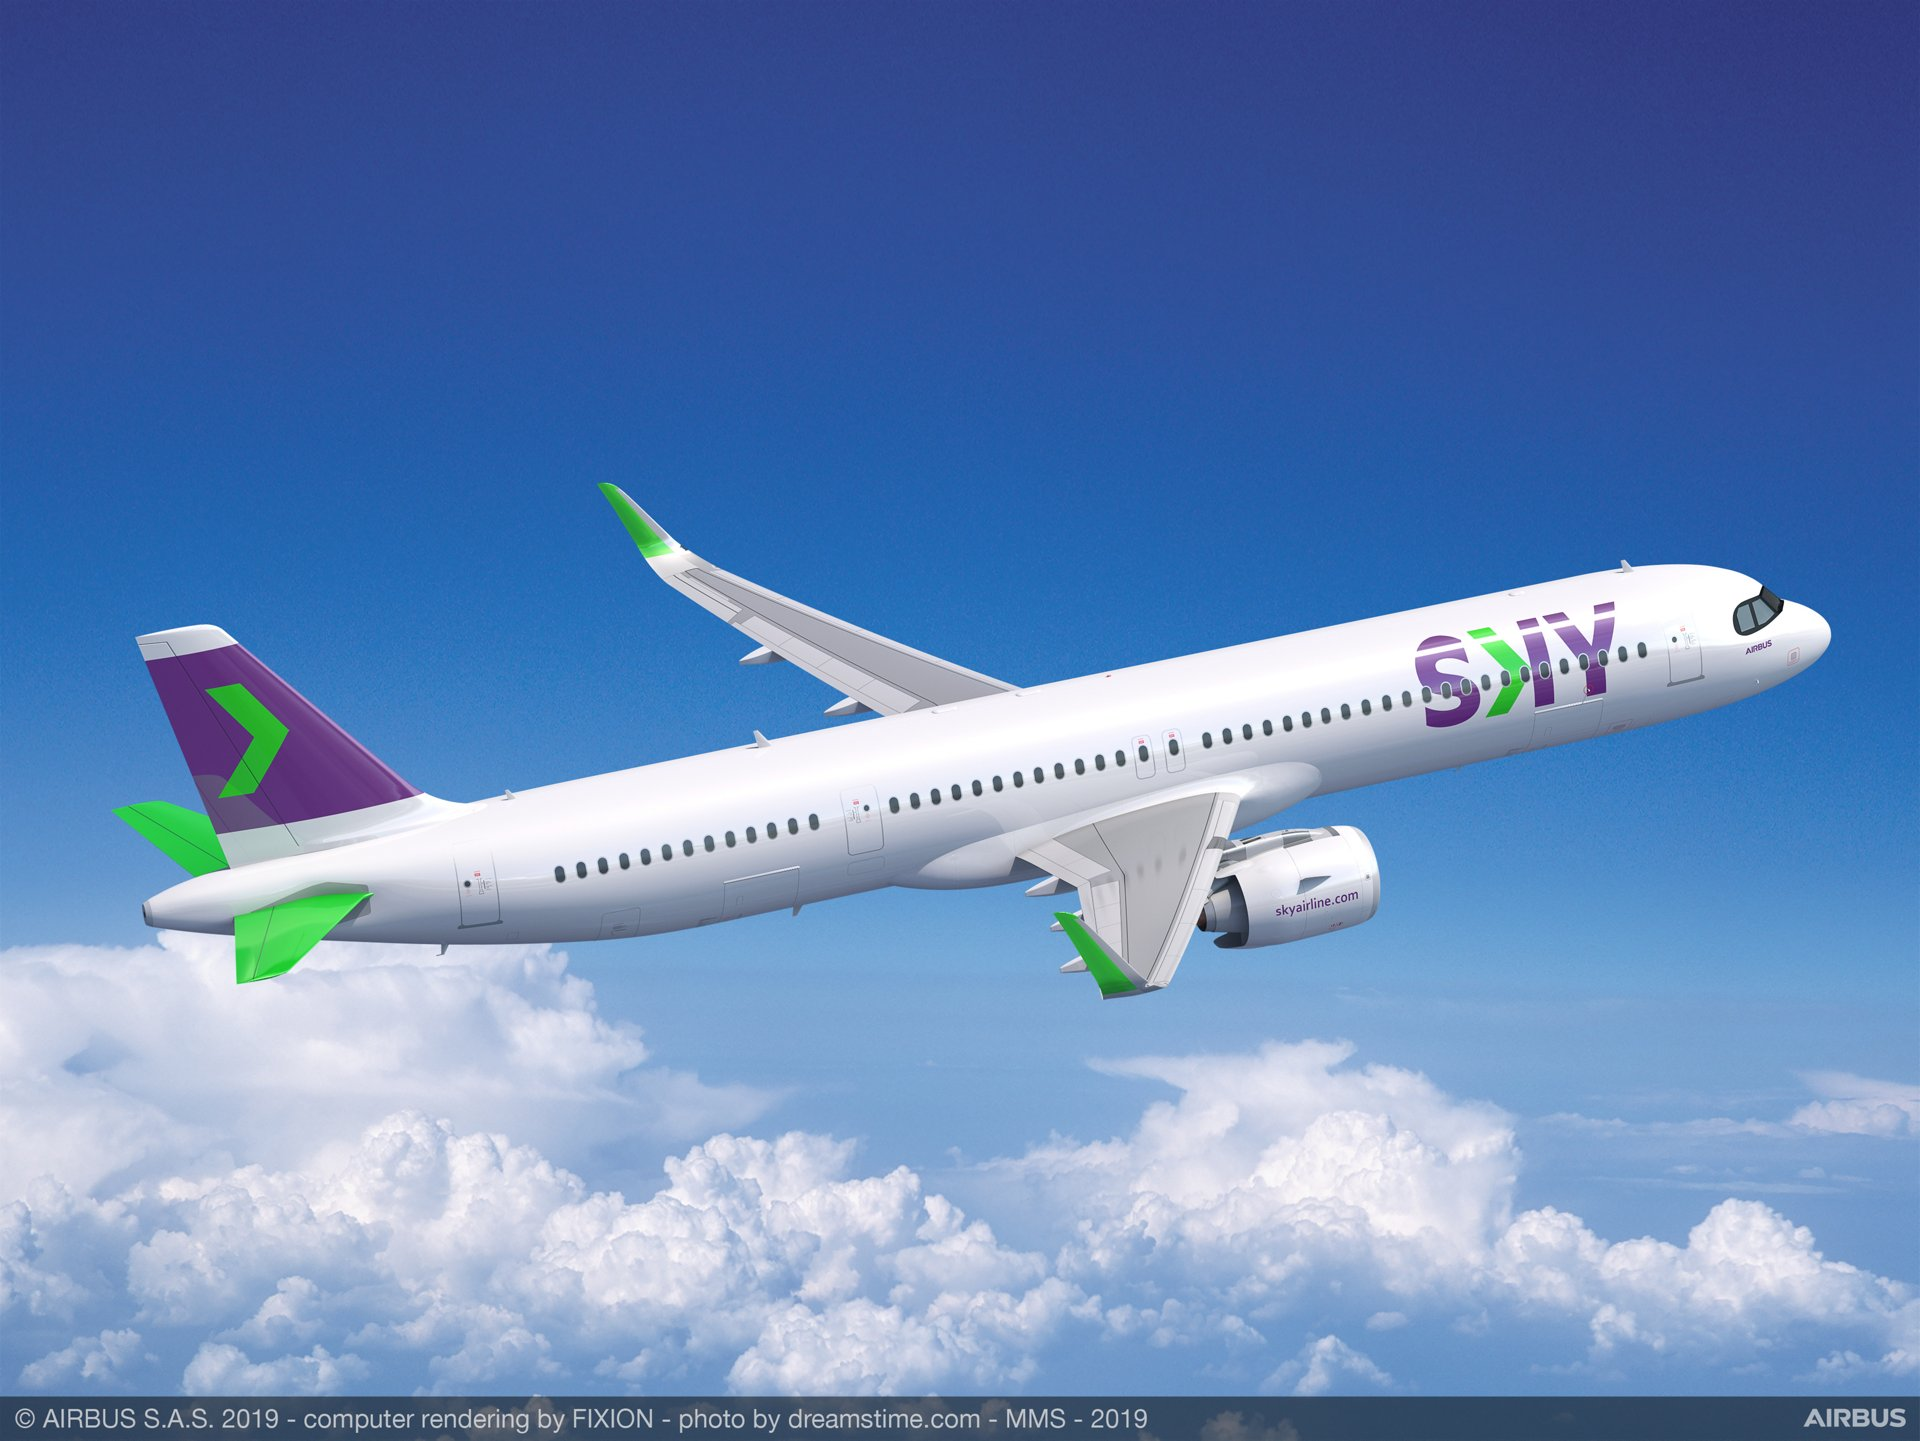 スカイ バジェット 中国南方航空、予定通り2019年末をもってスカイチームから脱退するこ...